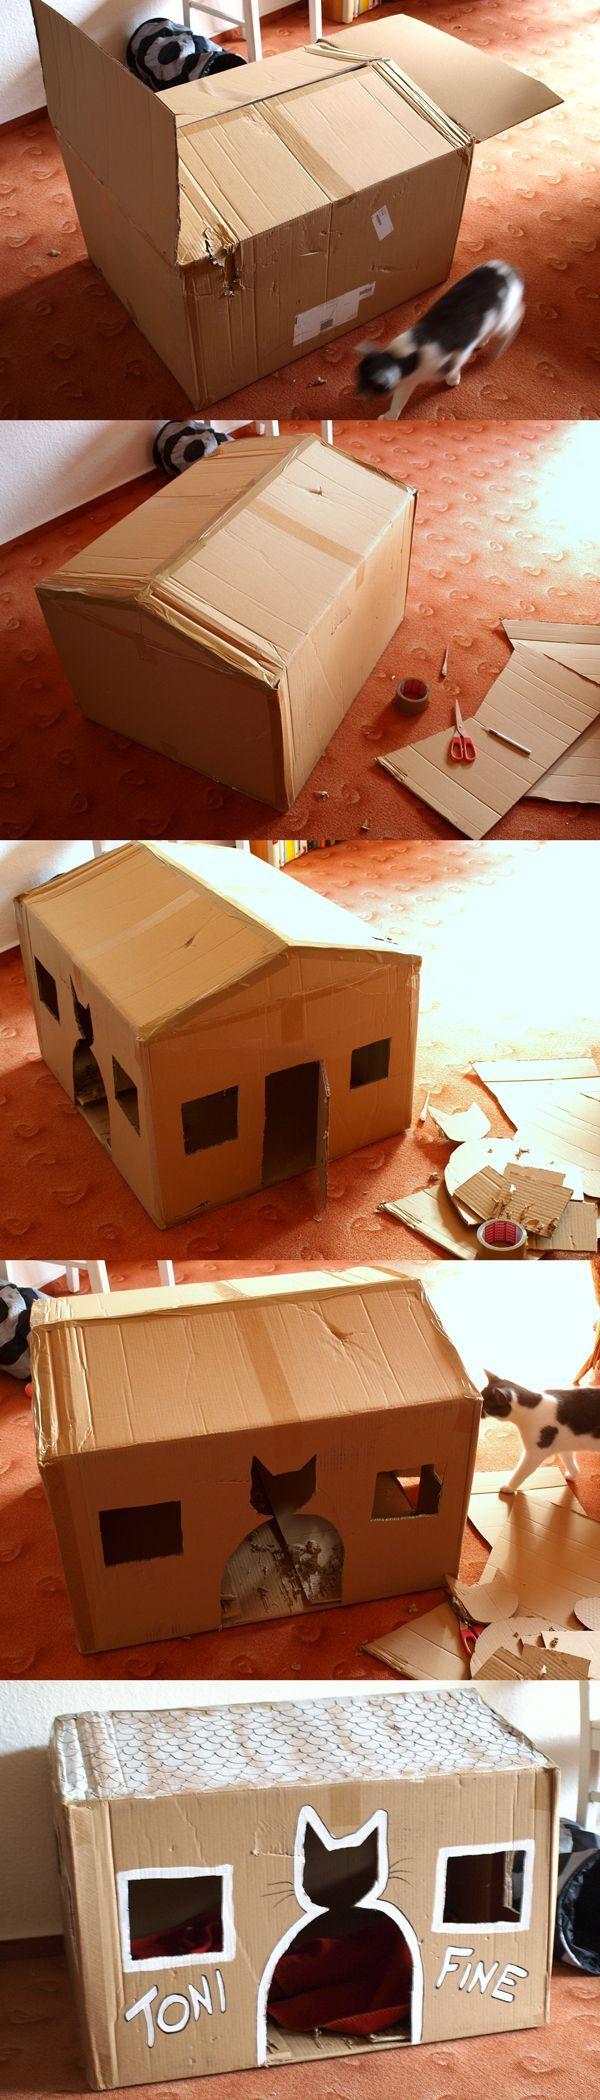 DIY Pappkartonhaus für den kleinen Geldbeutel